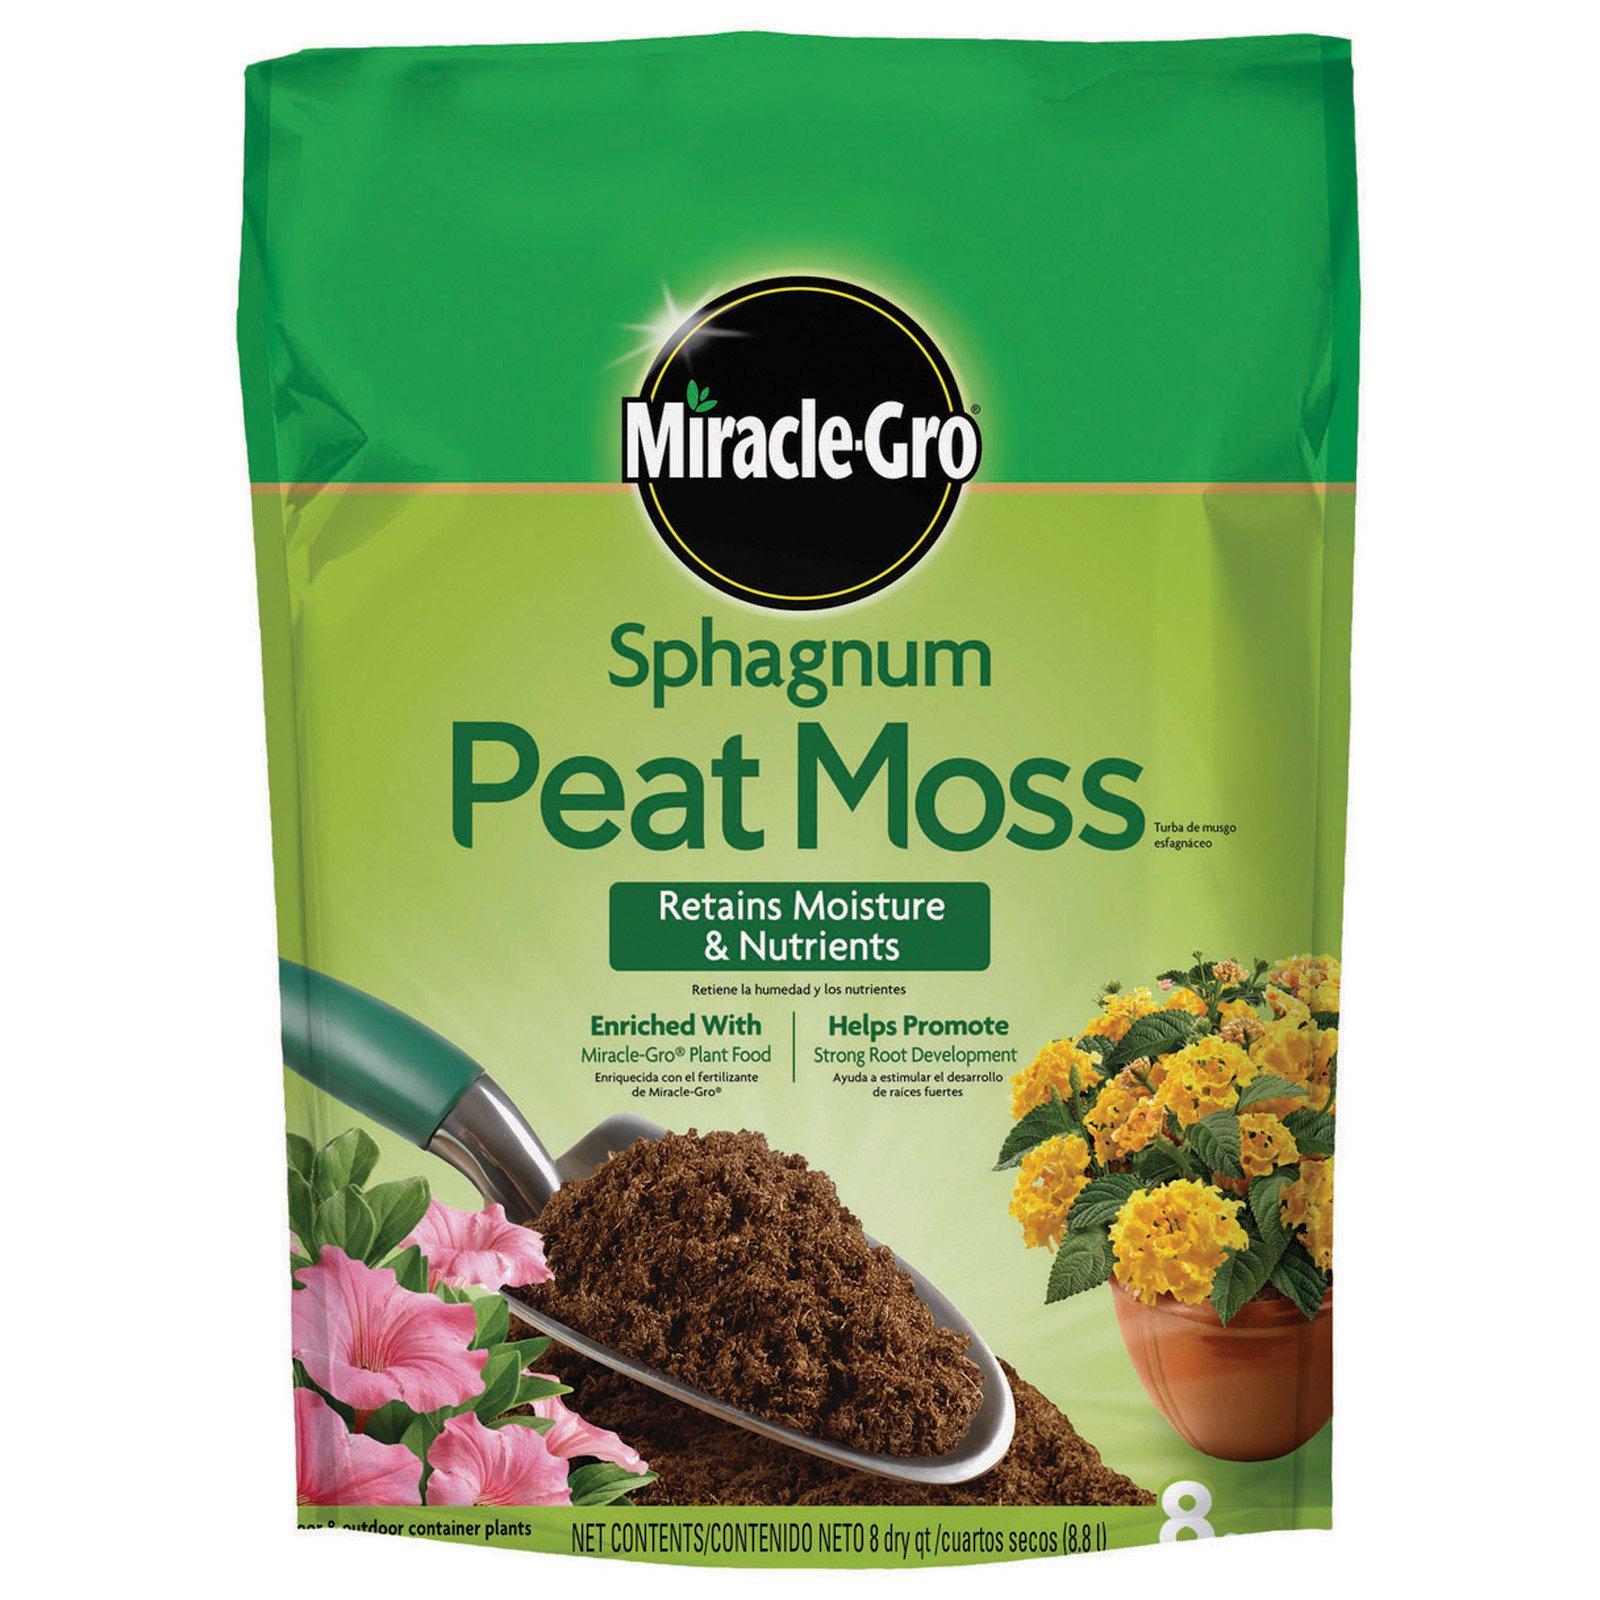 Miracle-Gro Sphagnum Peat Moss, 8 qt